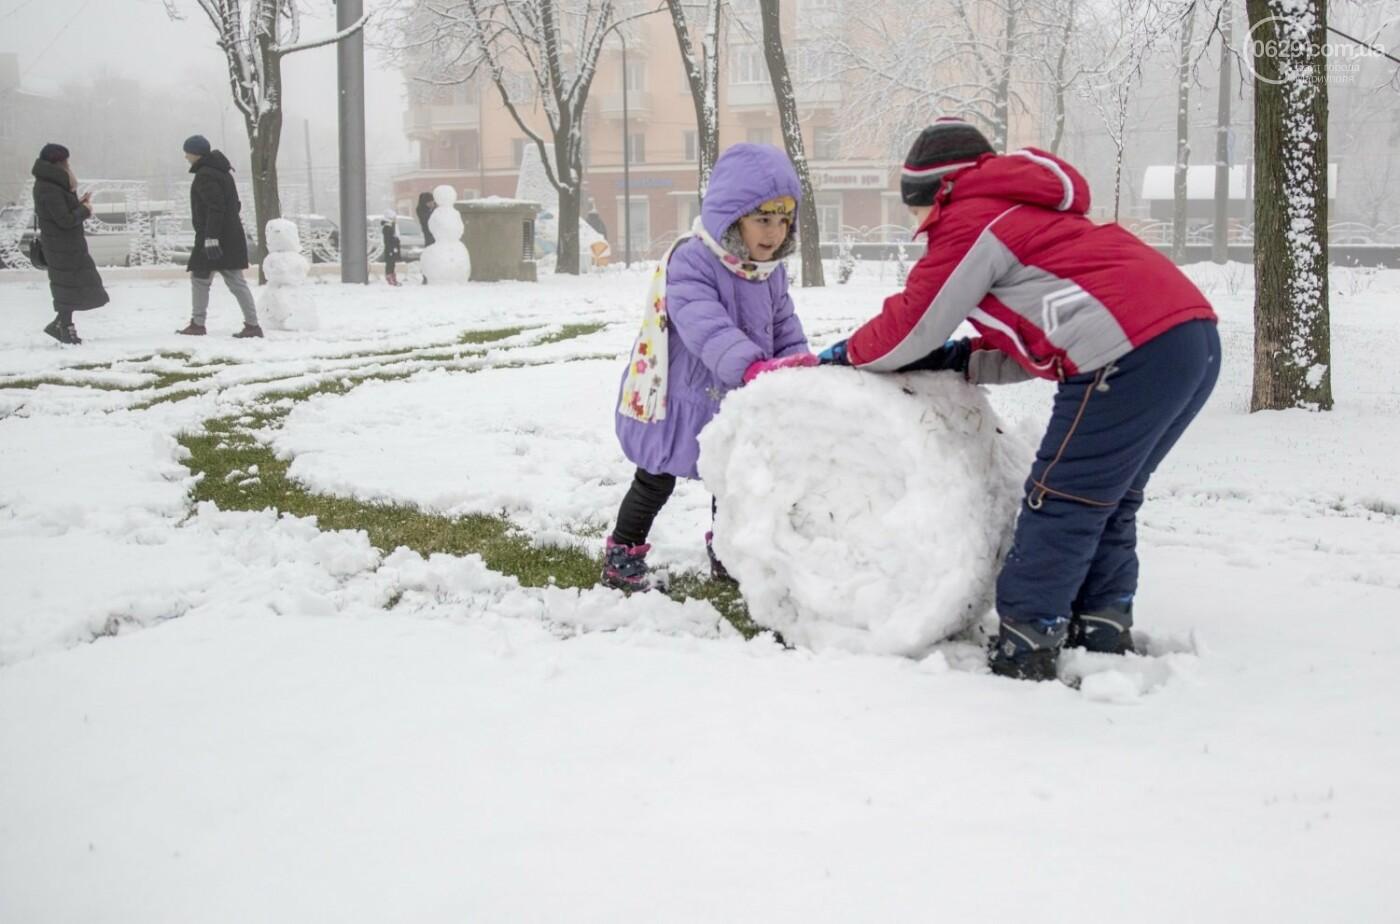 38 фотографий, одна ворона и одна синица... ФОТОРЕПОРТАЖ для тех, кто проспал первый настоящий снег, фото-22